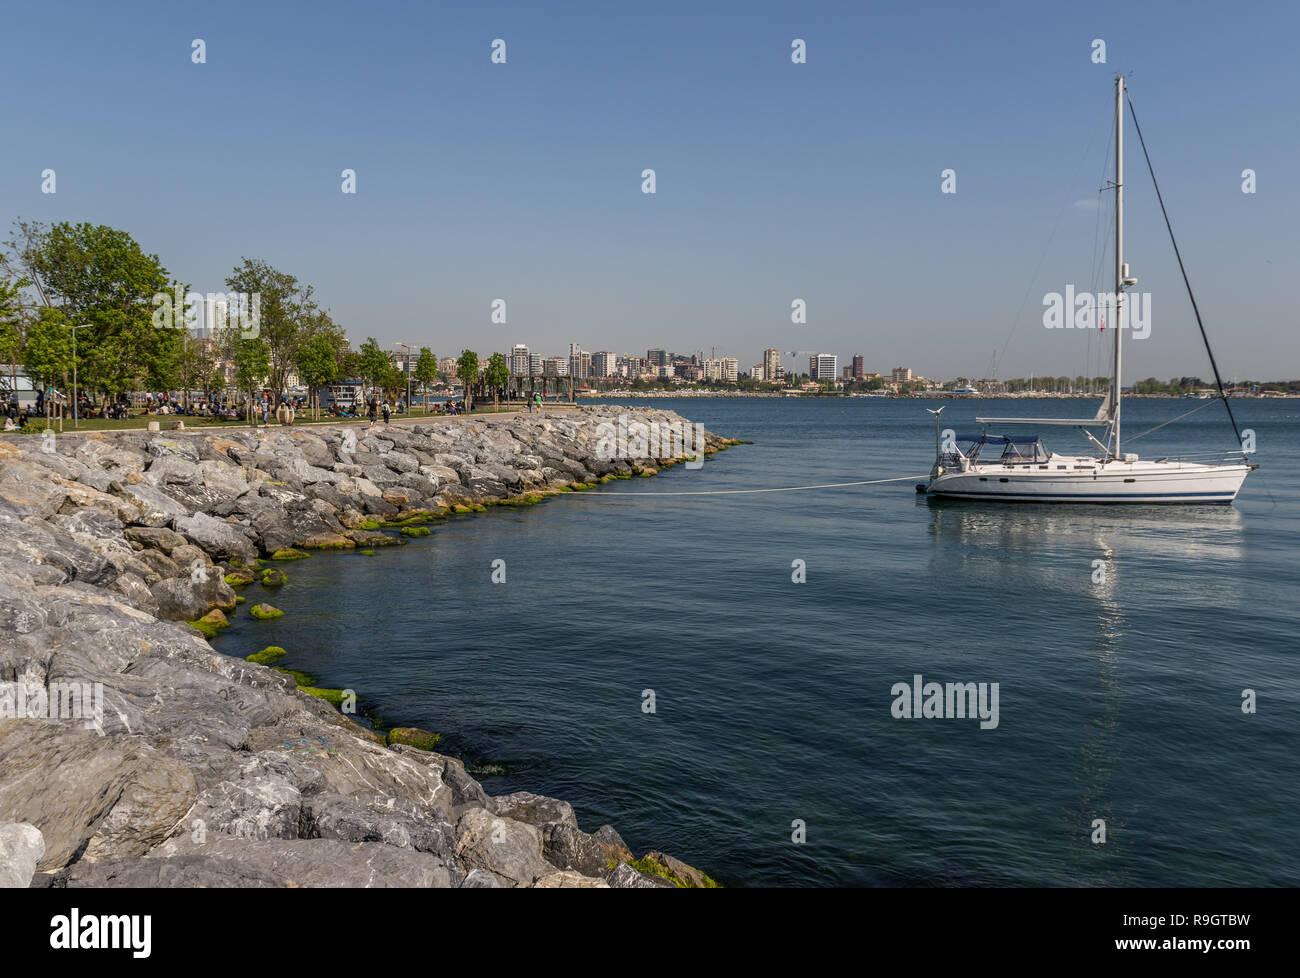 Istanbul, Turchia - il distretto di moda, sul lato Asiatico di Istanbul e offre una bella passeggiata lungo la Bosforus Immagini Stock